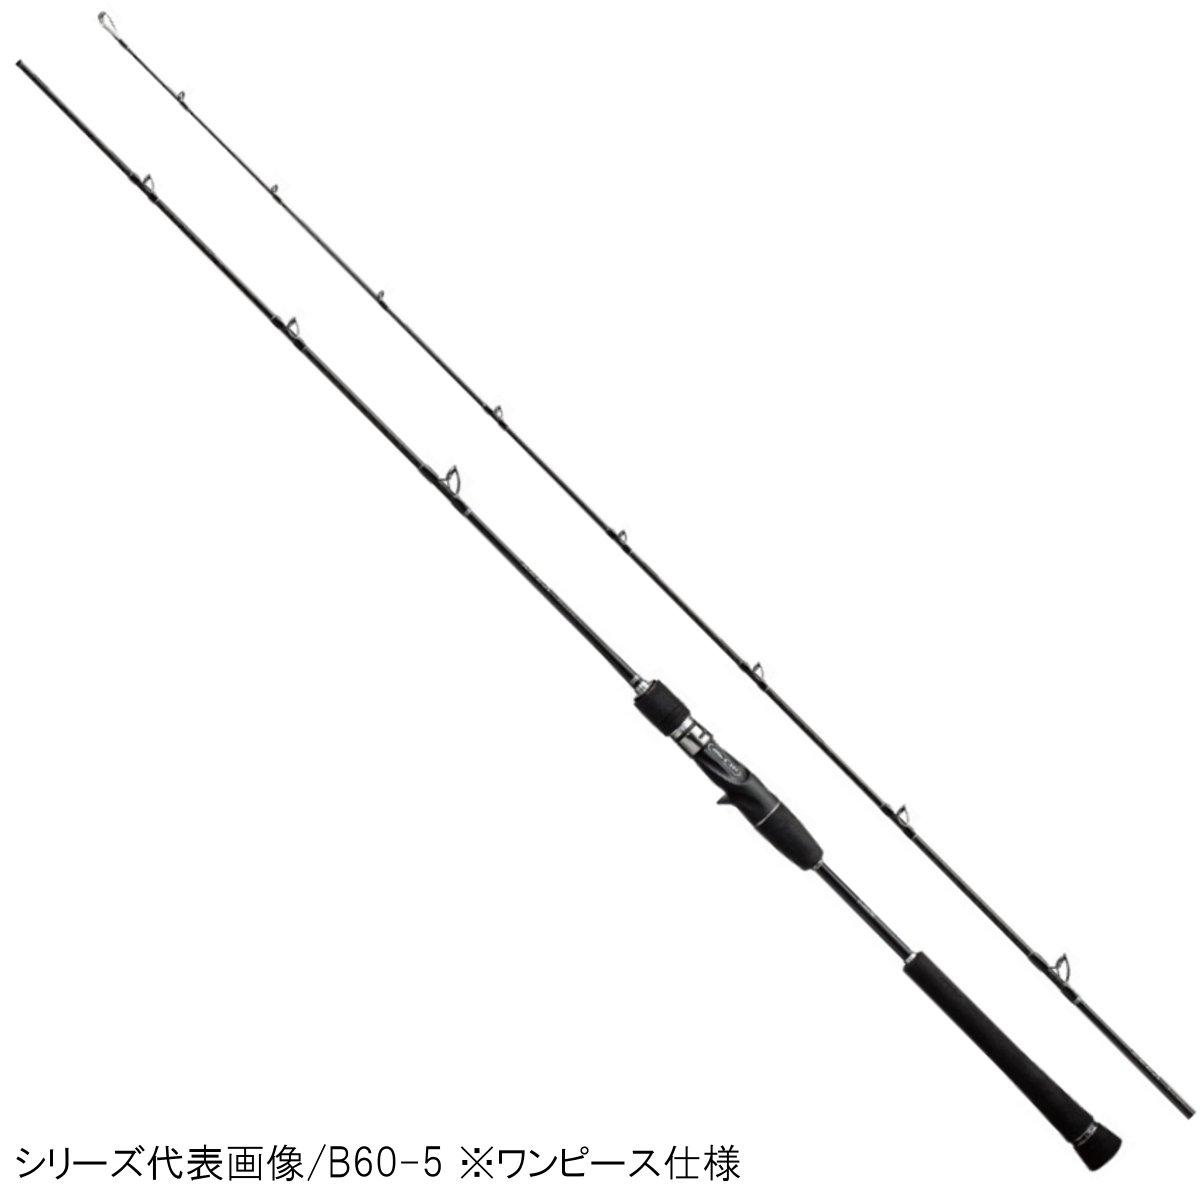 シマノ オシアジガー(ベイト) B60-3【大型商品】